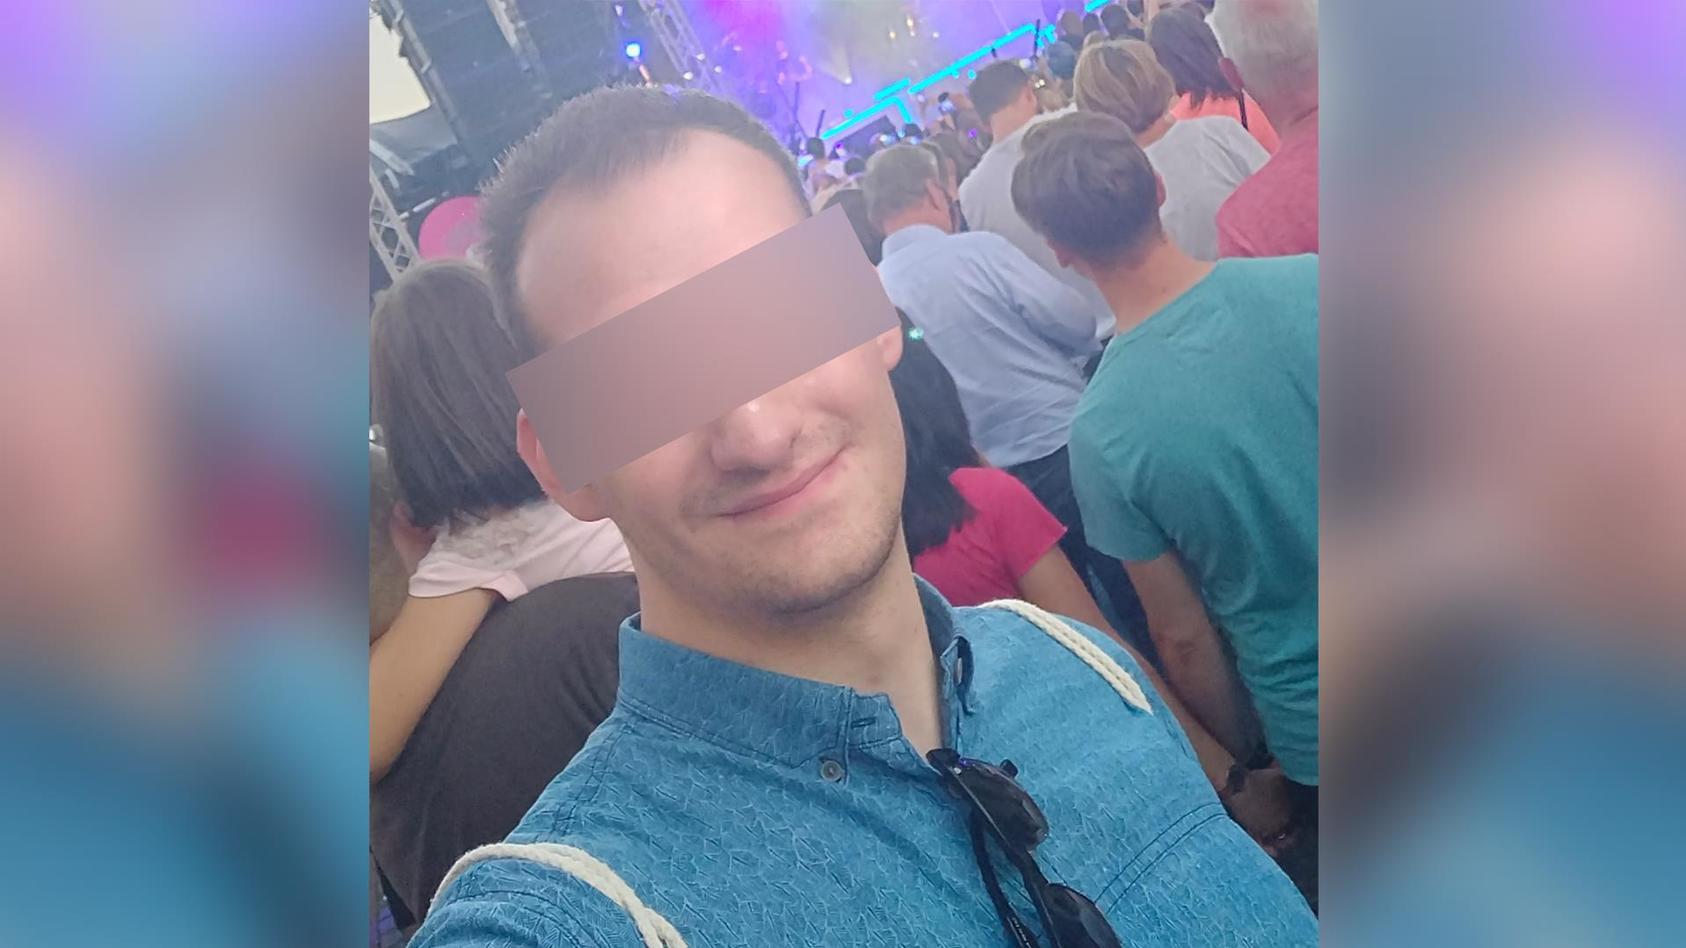 Simon S. steht im Verdacht, die 25-jährige Hannah S. in Hamm getötet zu haben.